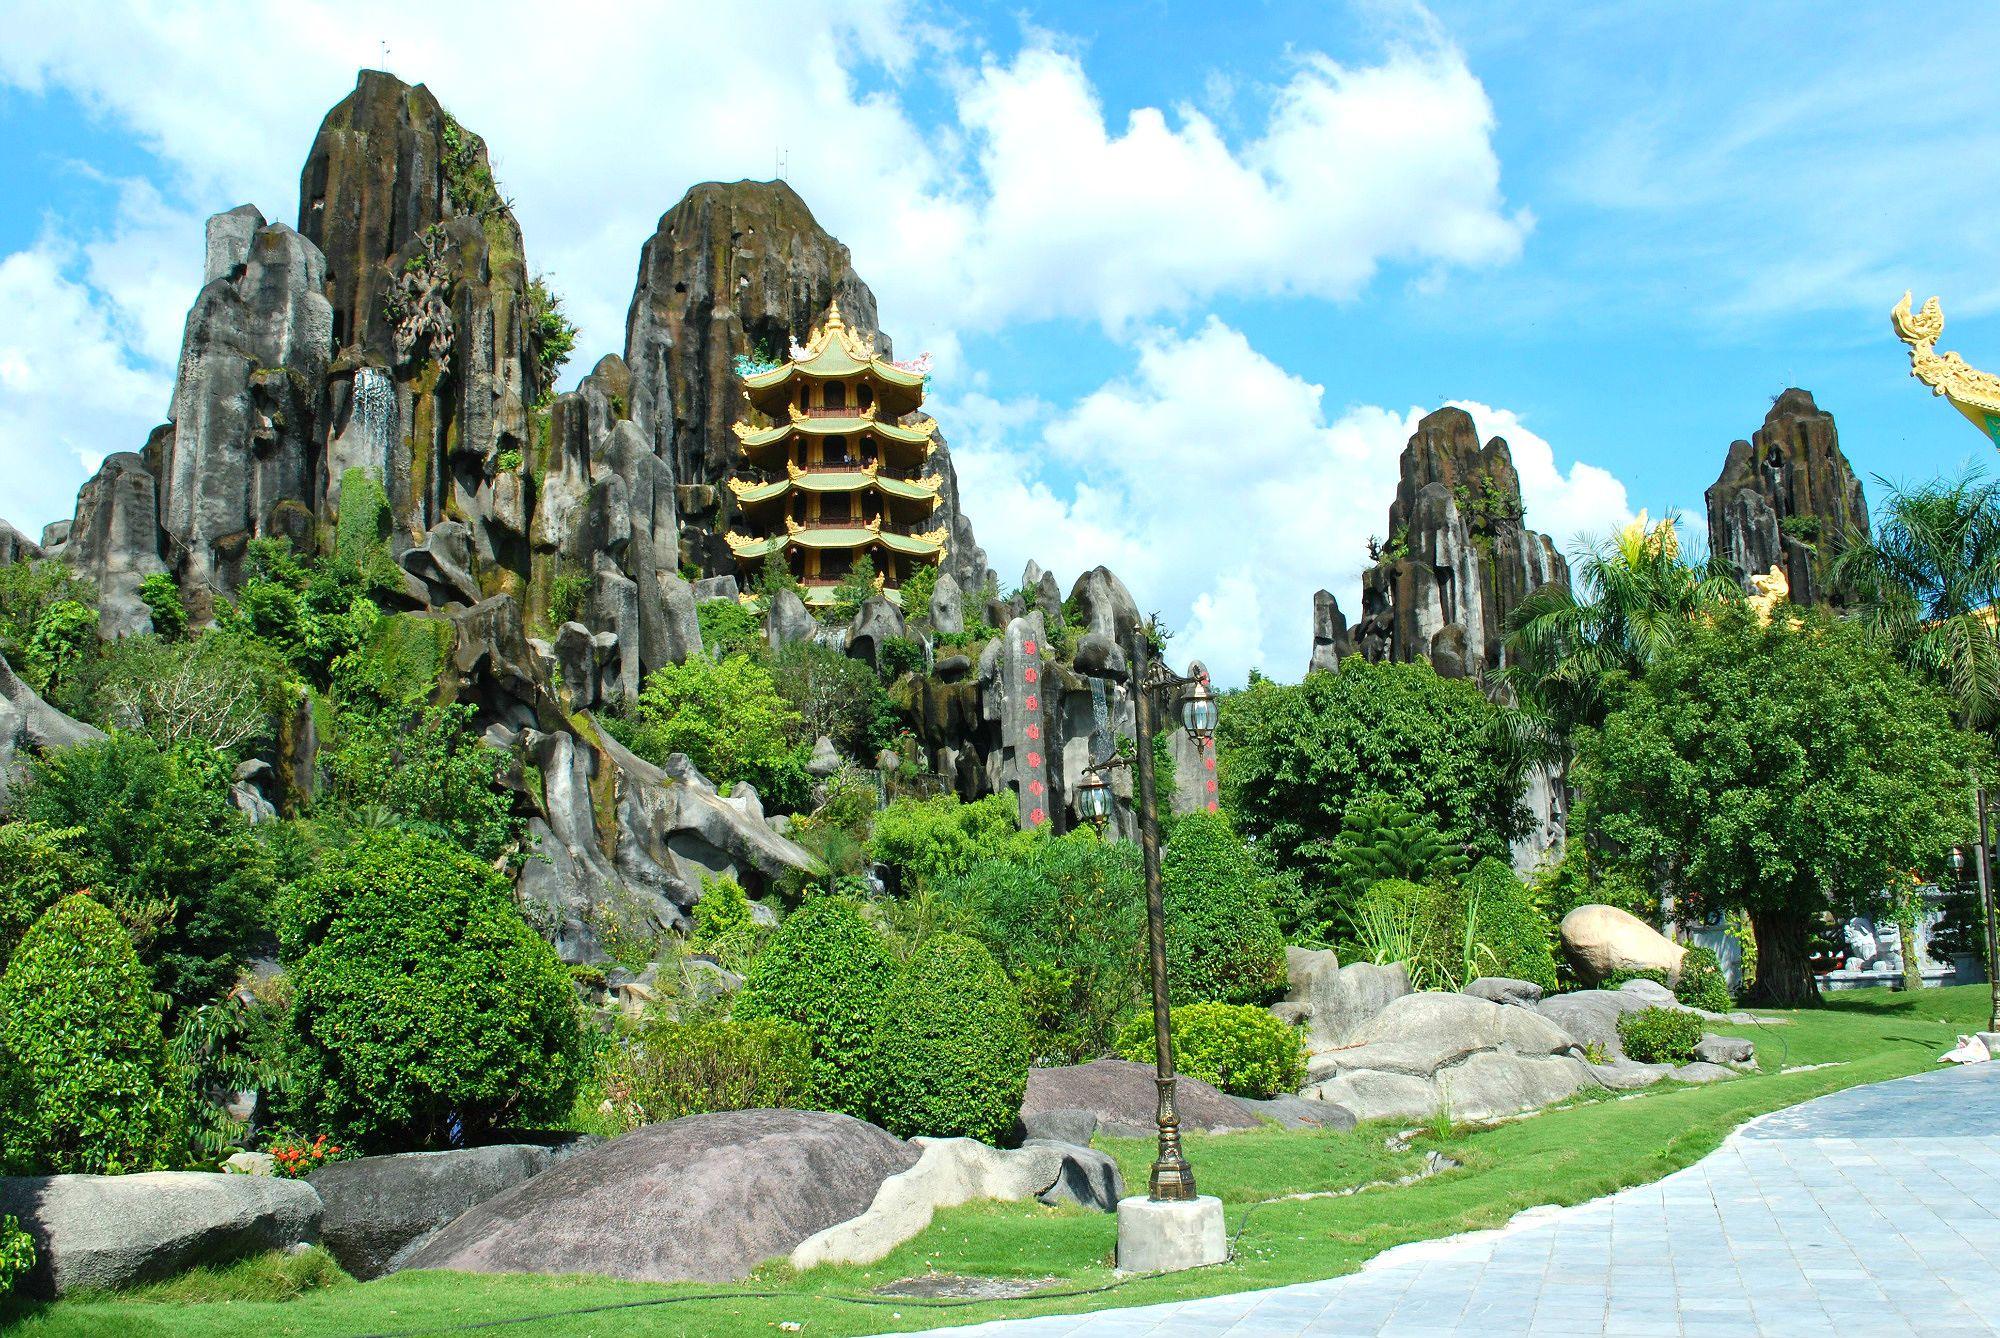 12 điểm du lịch tâm linh tại Việt Nam được nhiều khách hành hương ghé thăm